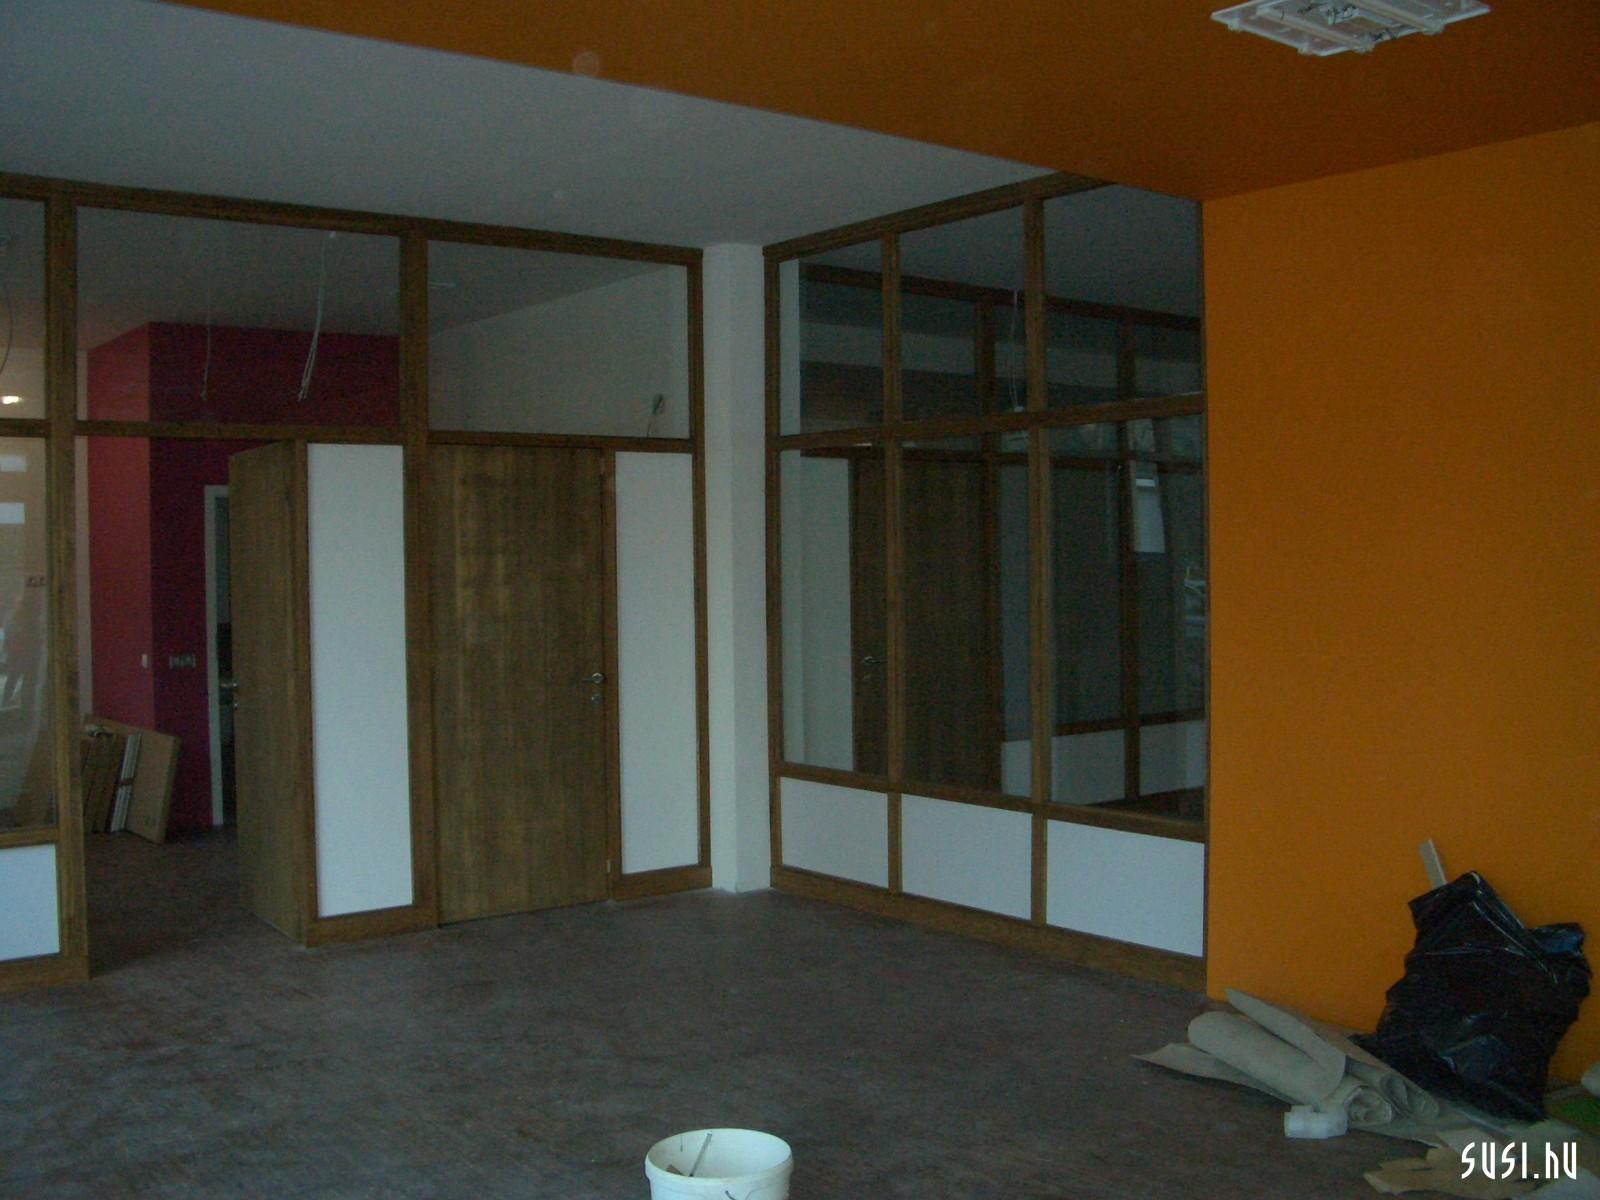 Építkezés közben 1 (1)